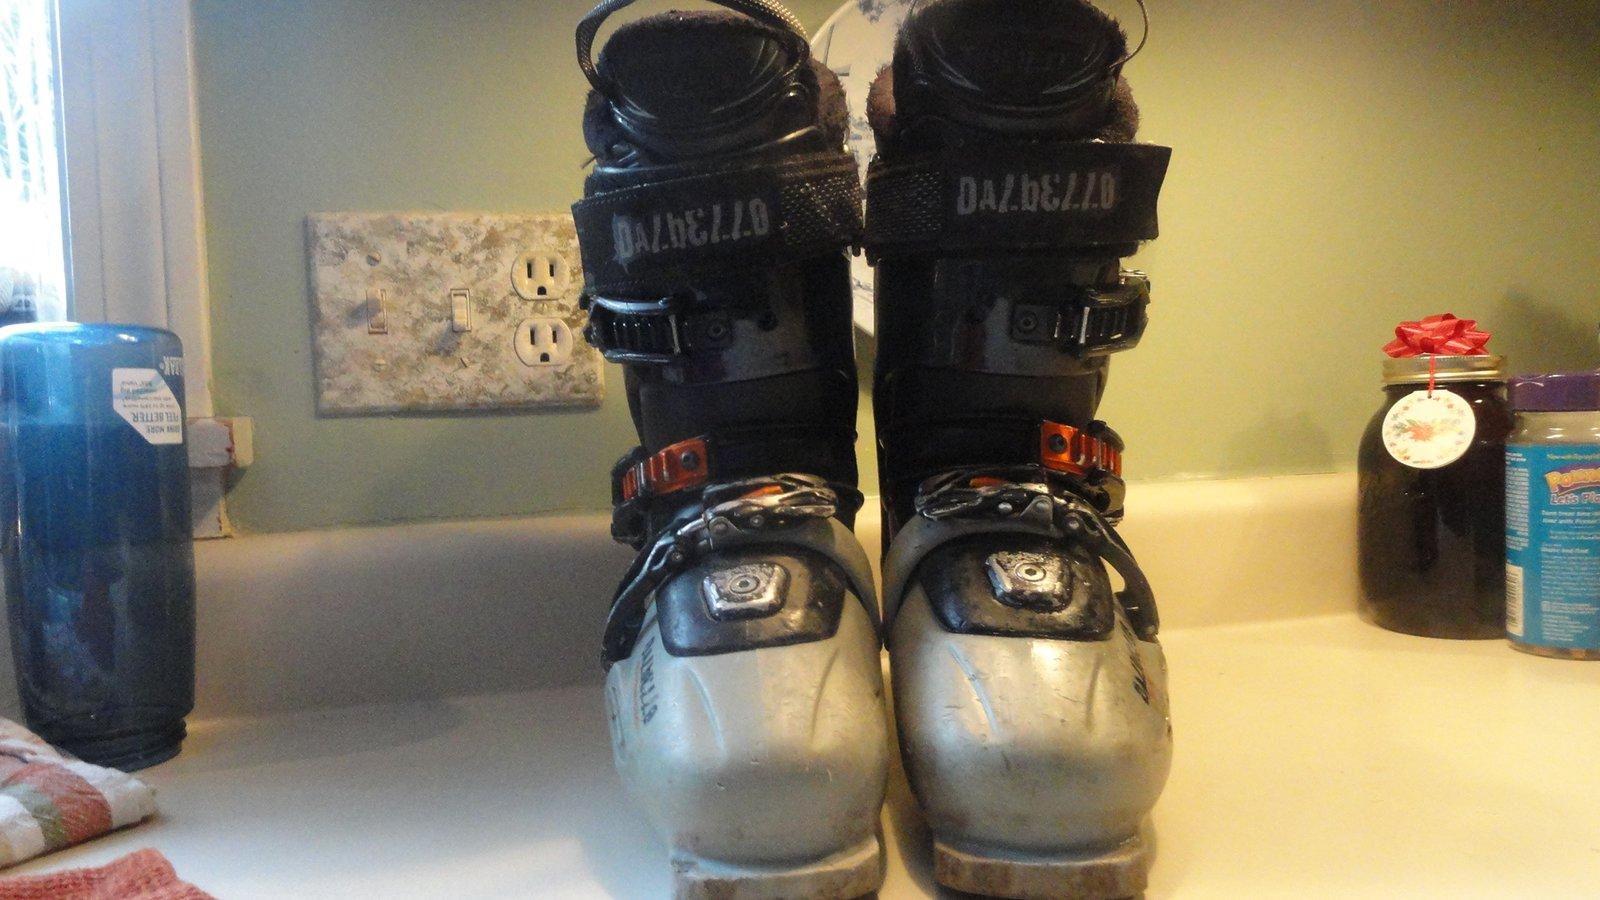 Dallbello ski boots